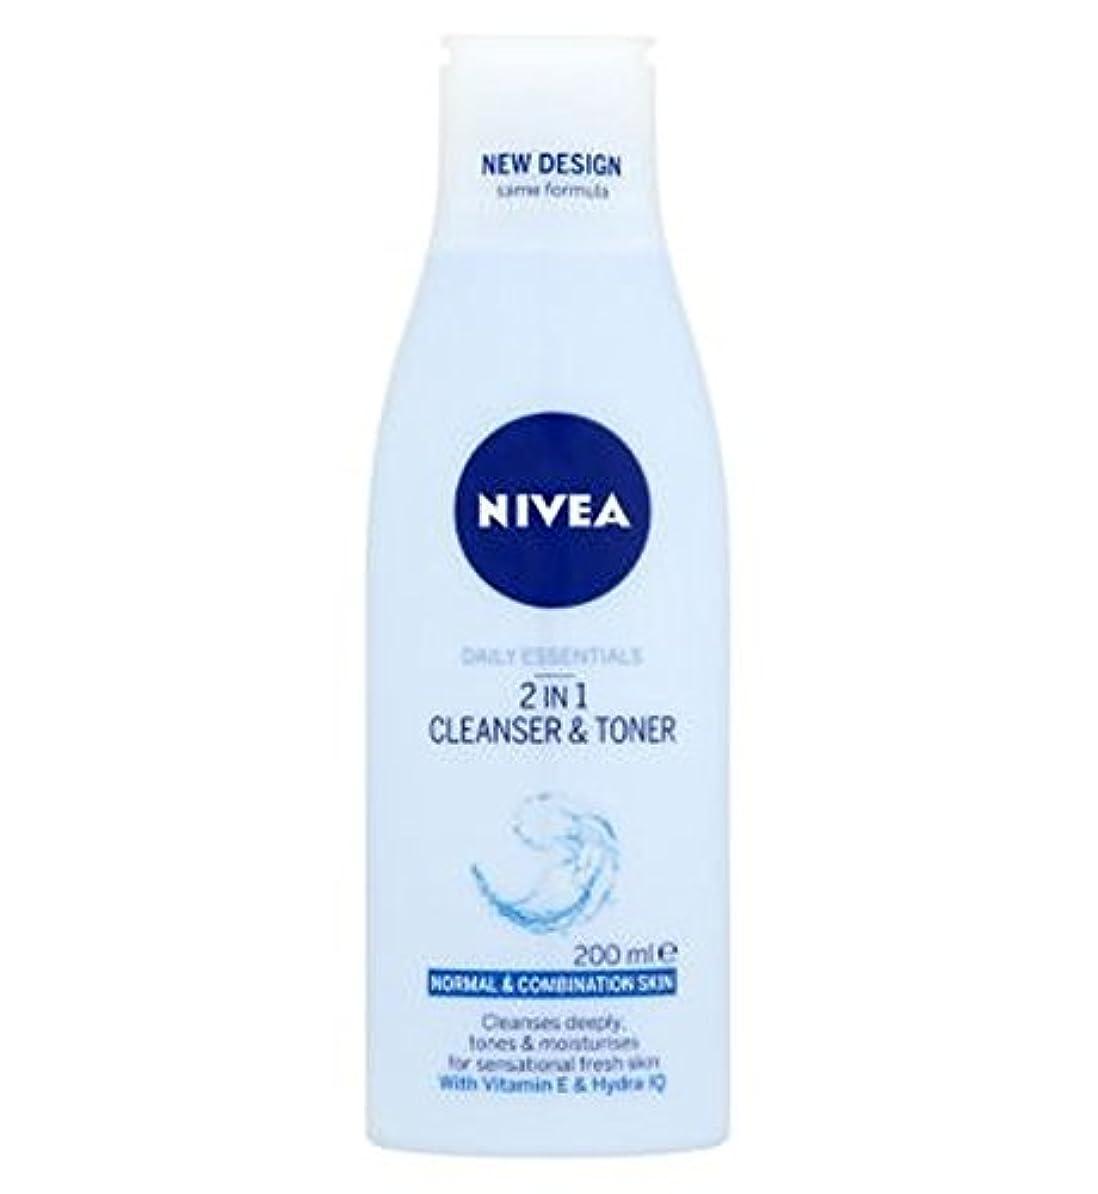 示す受け取る賭けNivea Daily Essentials 2 in 1 Cleanser and Toner 200ml - ニベア生活必需品2 1クレンザーとトナー200ミリリットルで (Nivea) [並行輸入品]